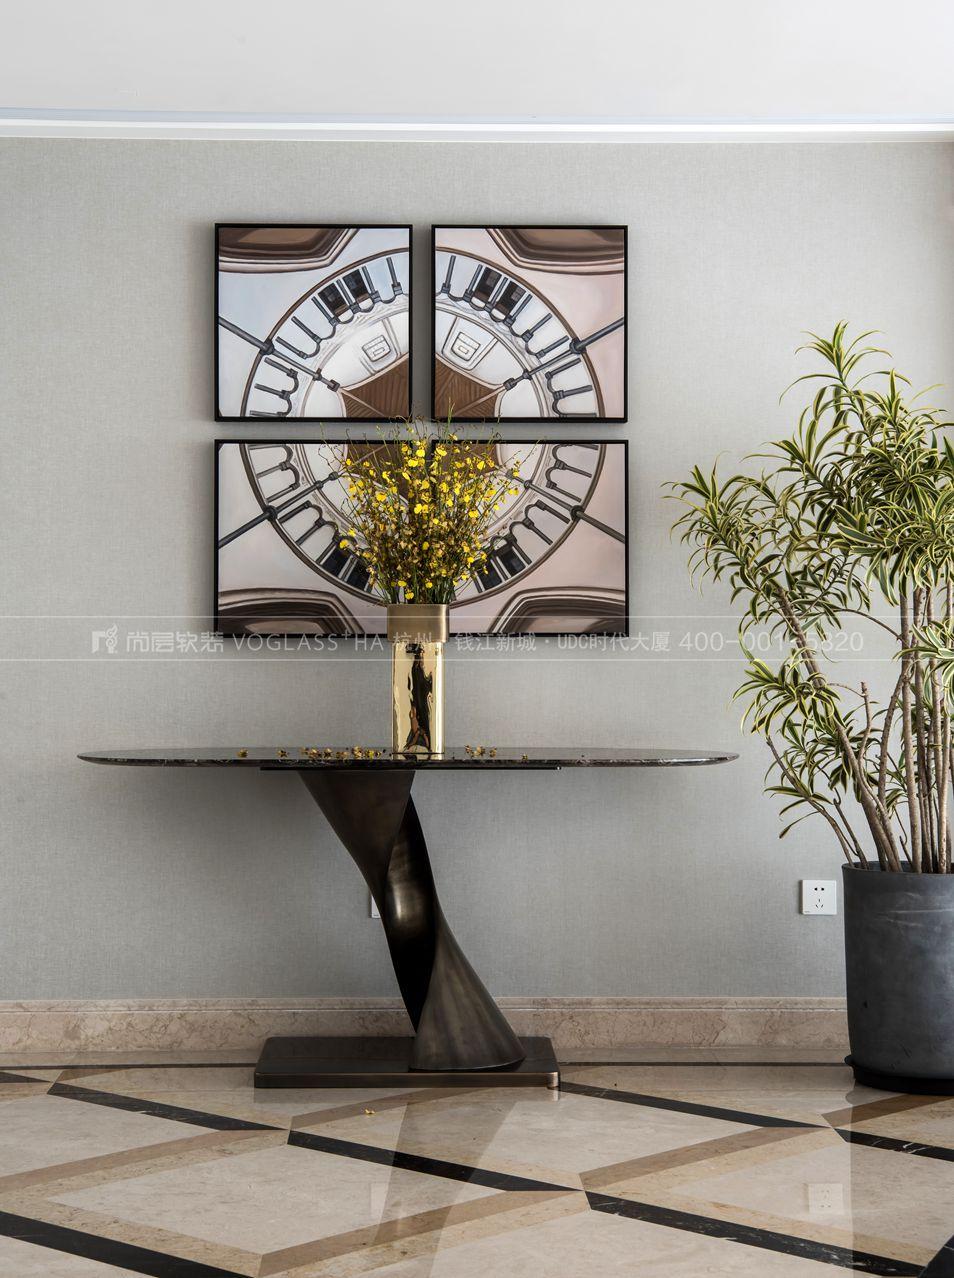 客厅现代轻奢风格跃层样板间装饰设计